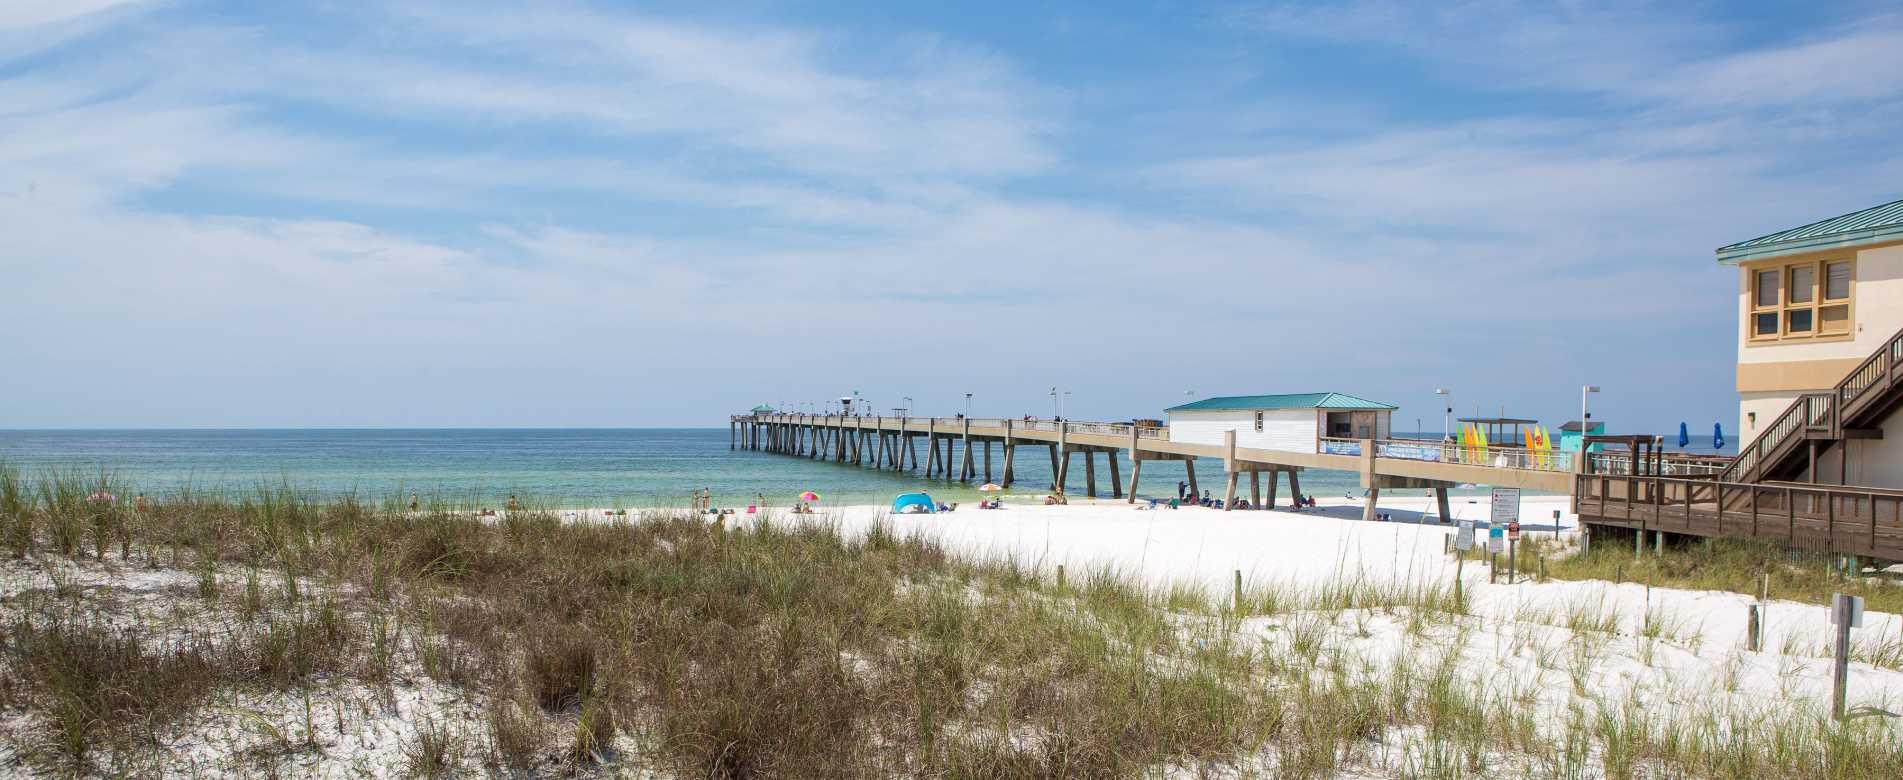 Restaurants In Destin Florida Emerald Coast Of Florida